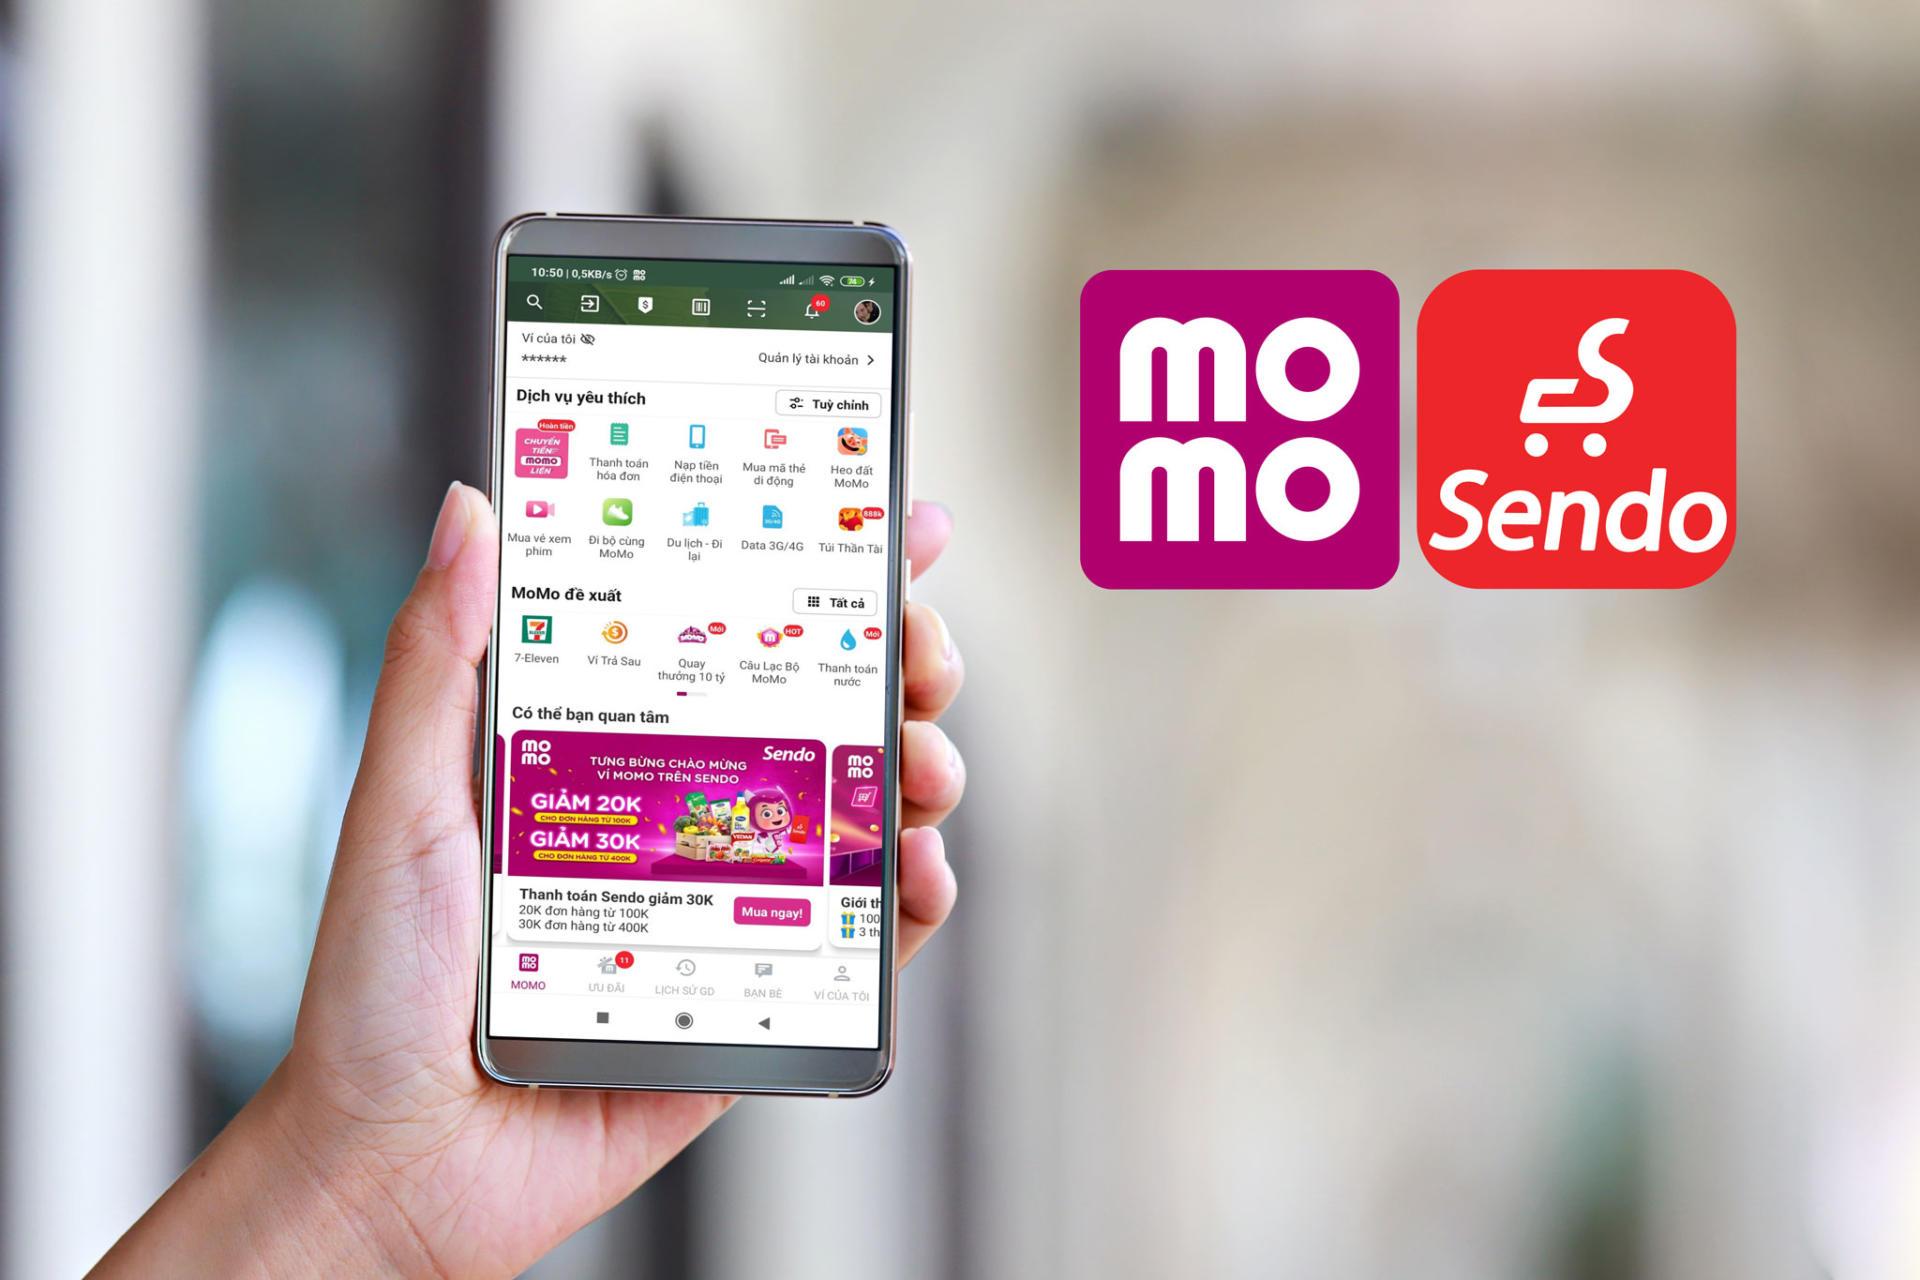 Đã có thể thanh toán mua hàng trên Sendo bằng Ví MoMo